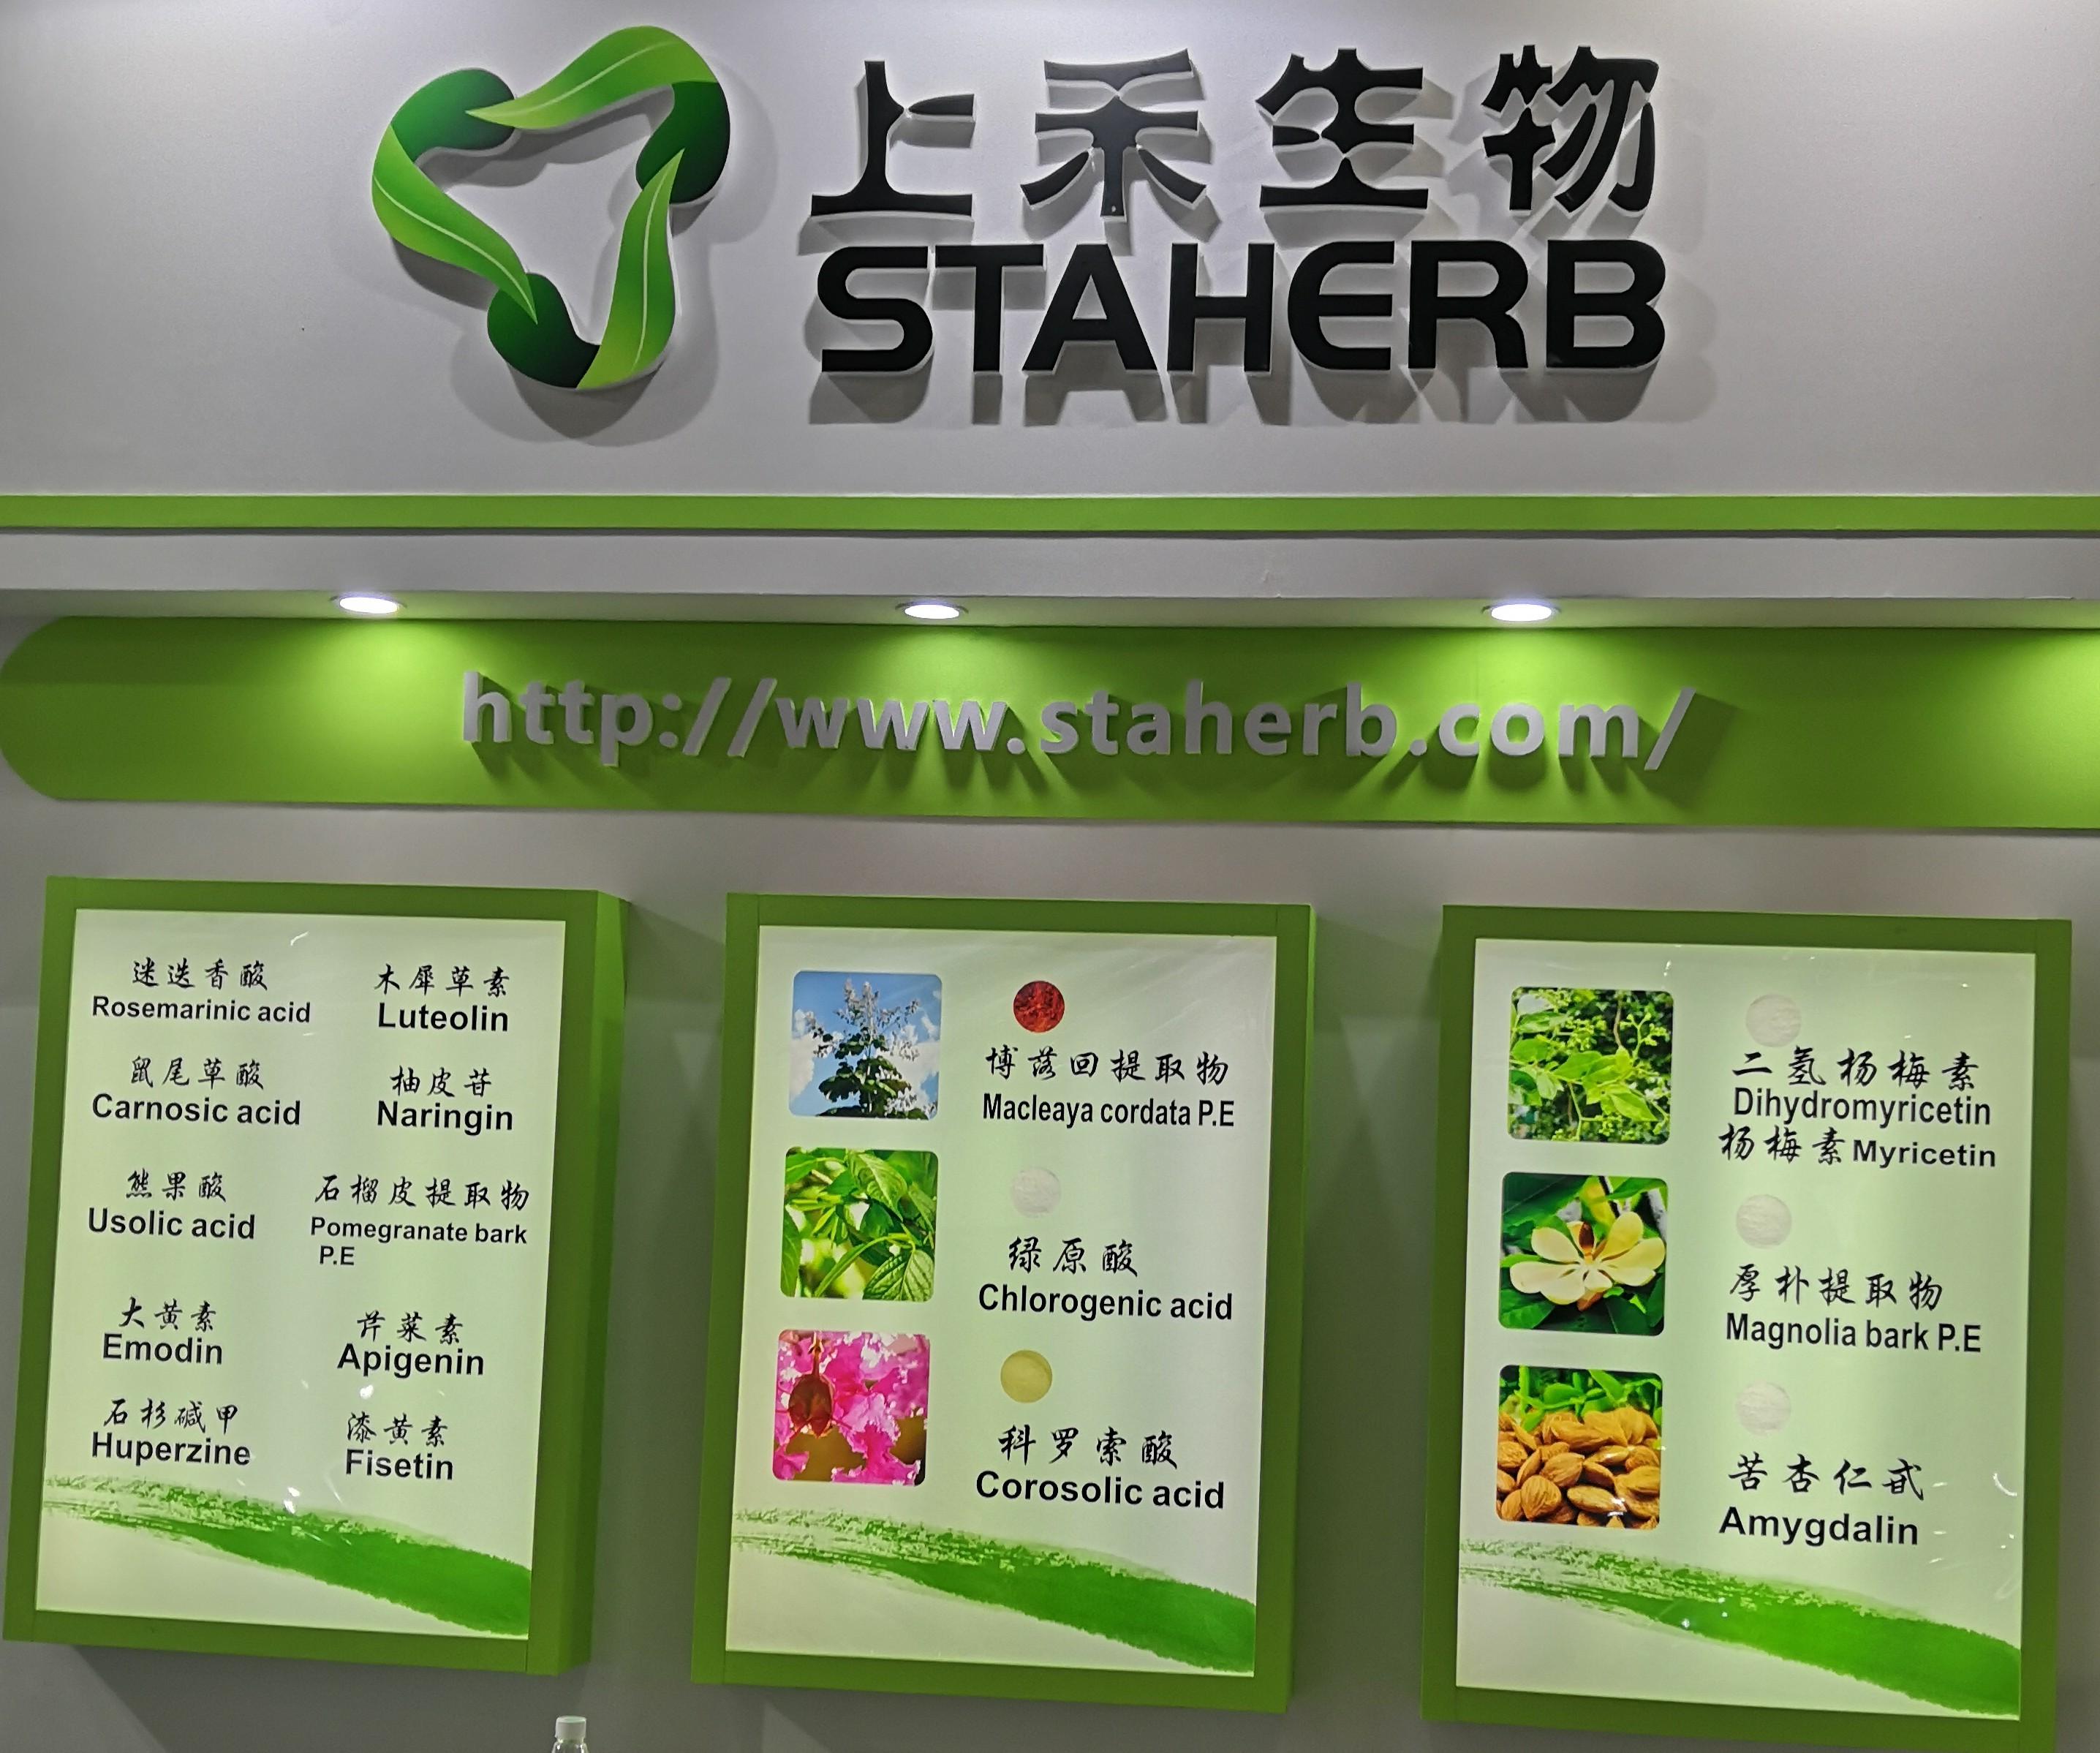 上禾生物--厚朴原料产地里的专业厚朴提取物生产企业